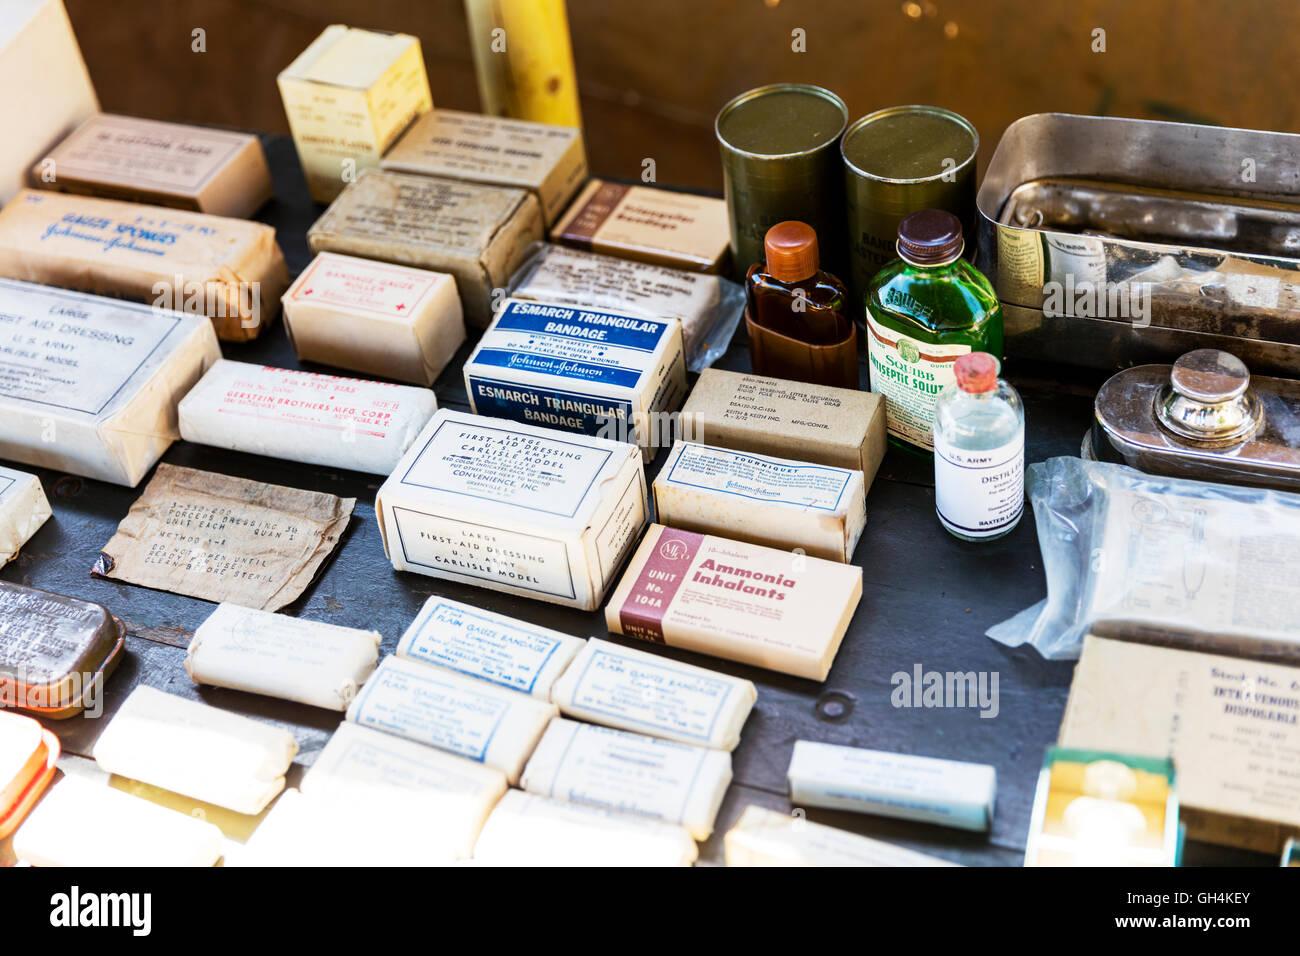 Bandages dressings ammonia tourniquet field hospital equipment from WW2 boxed bandage basic surgery equipment UK - Stock Image